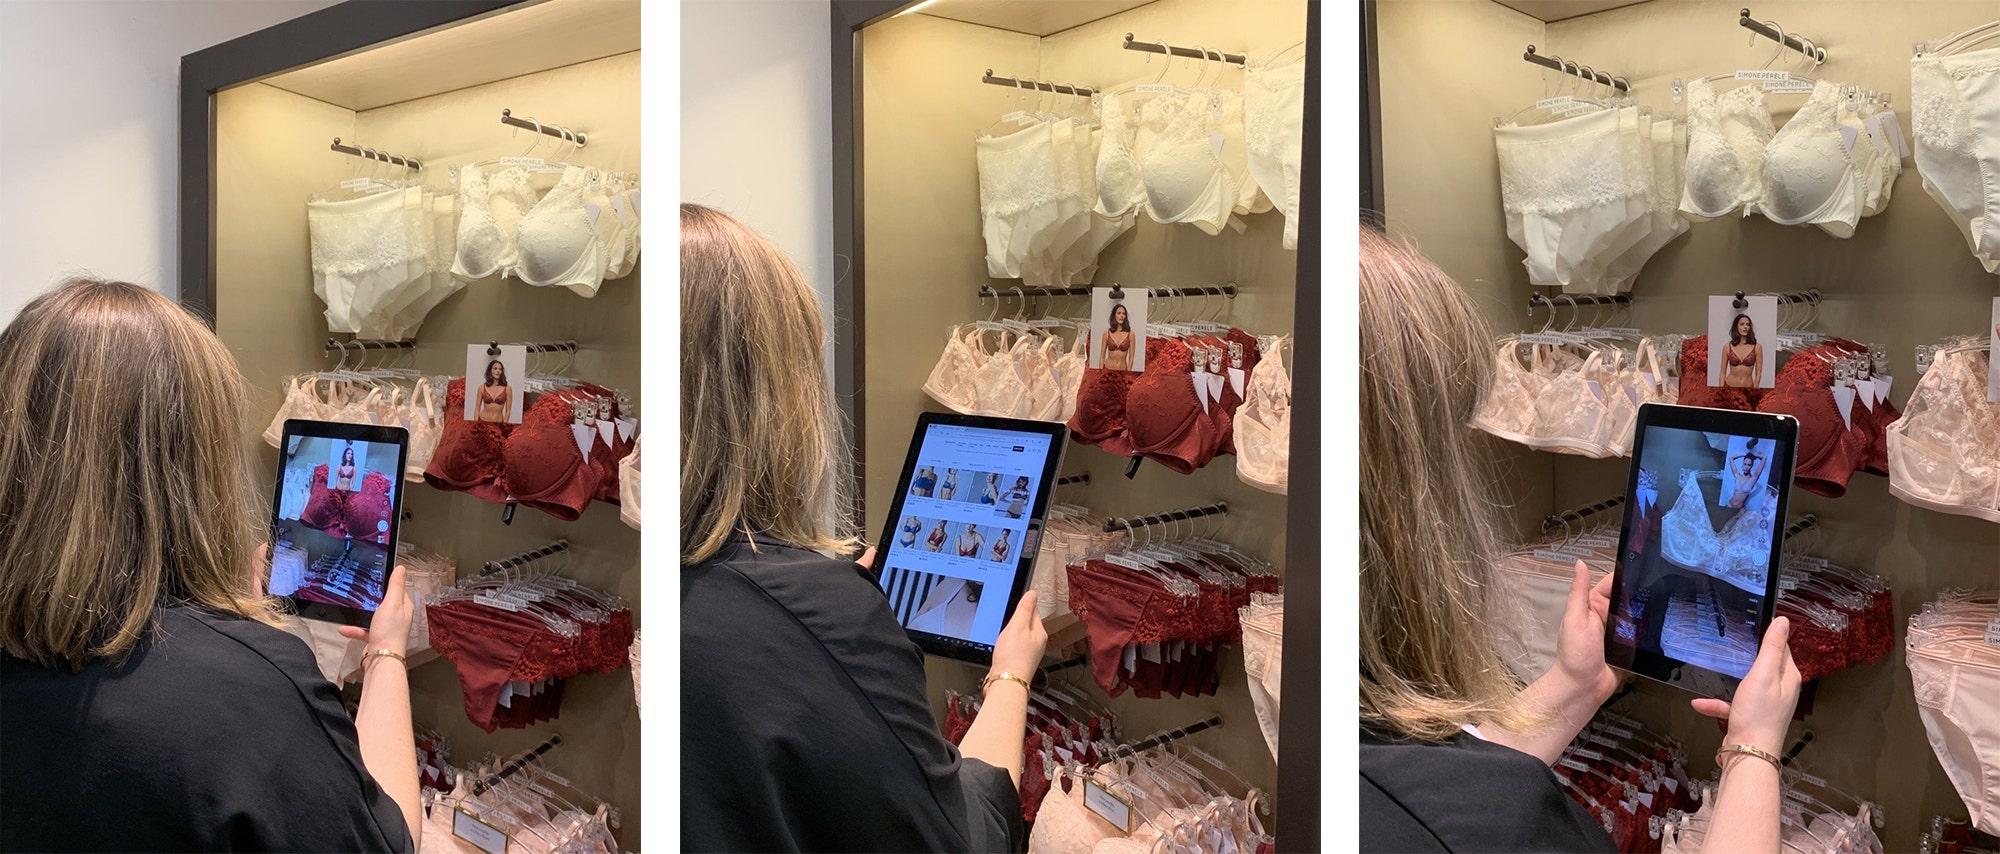 Simone Pérèle lance son service de shopping à distance en boutique.  Profitez d'une expérience shopping unique et des conseils avisés de notre experte lingerie, qui vous aidera à sélectionner vos pièces de lingerie idéales tout en restant chez vous